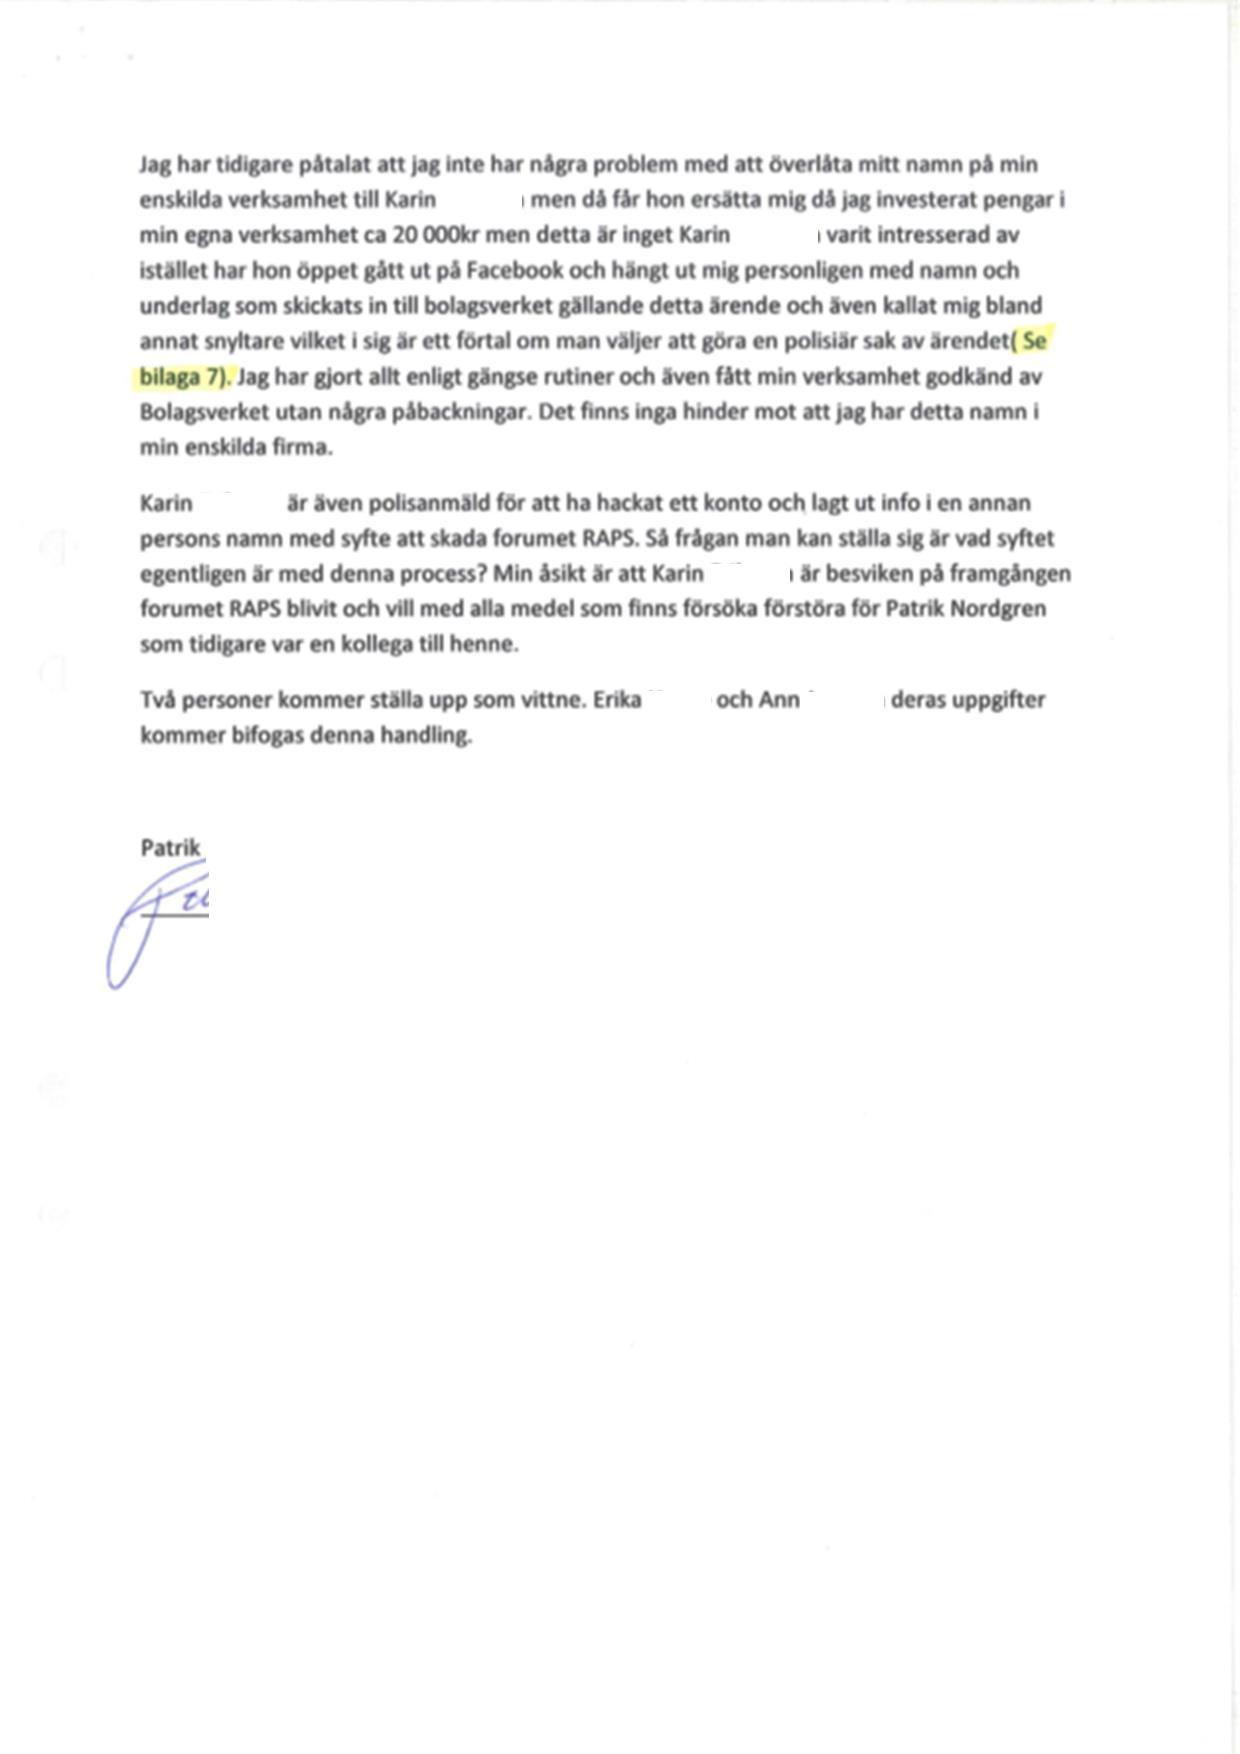 8. Patriks tredje bestridande om administrativ hävning av företagsnamnet Englaklubben (2)